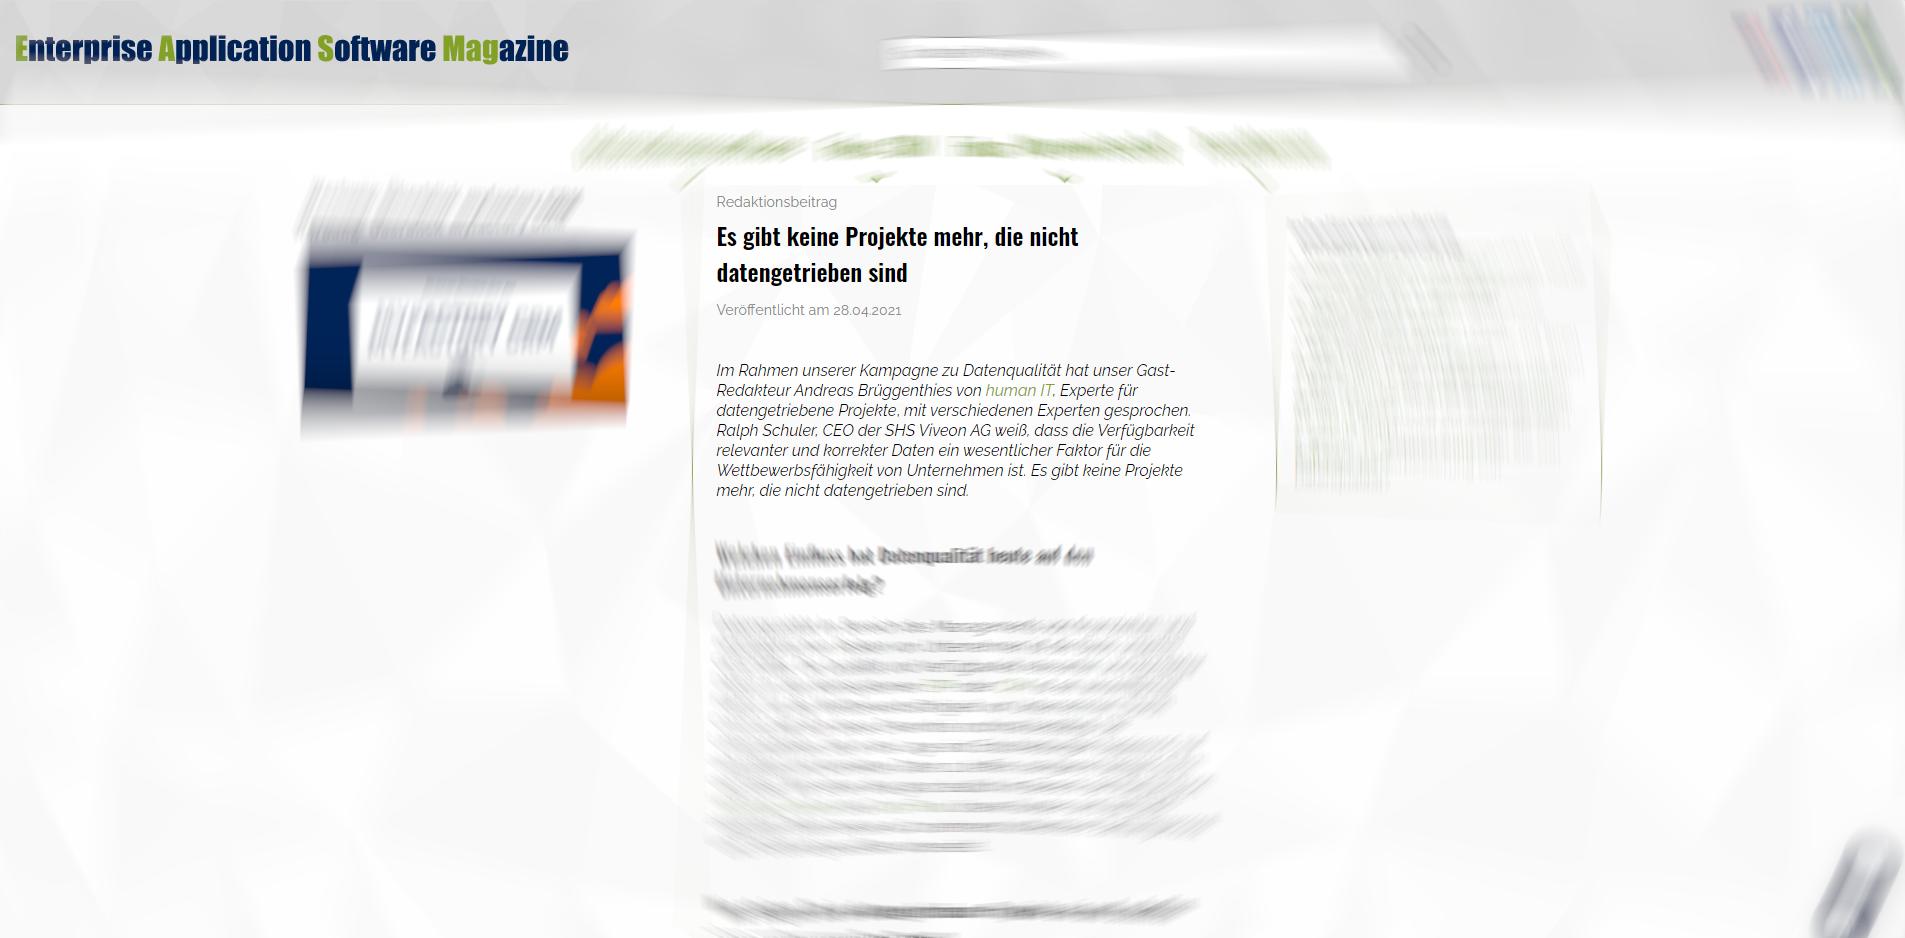 EAS-MAG.digital: SHS Viveon